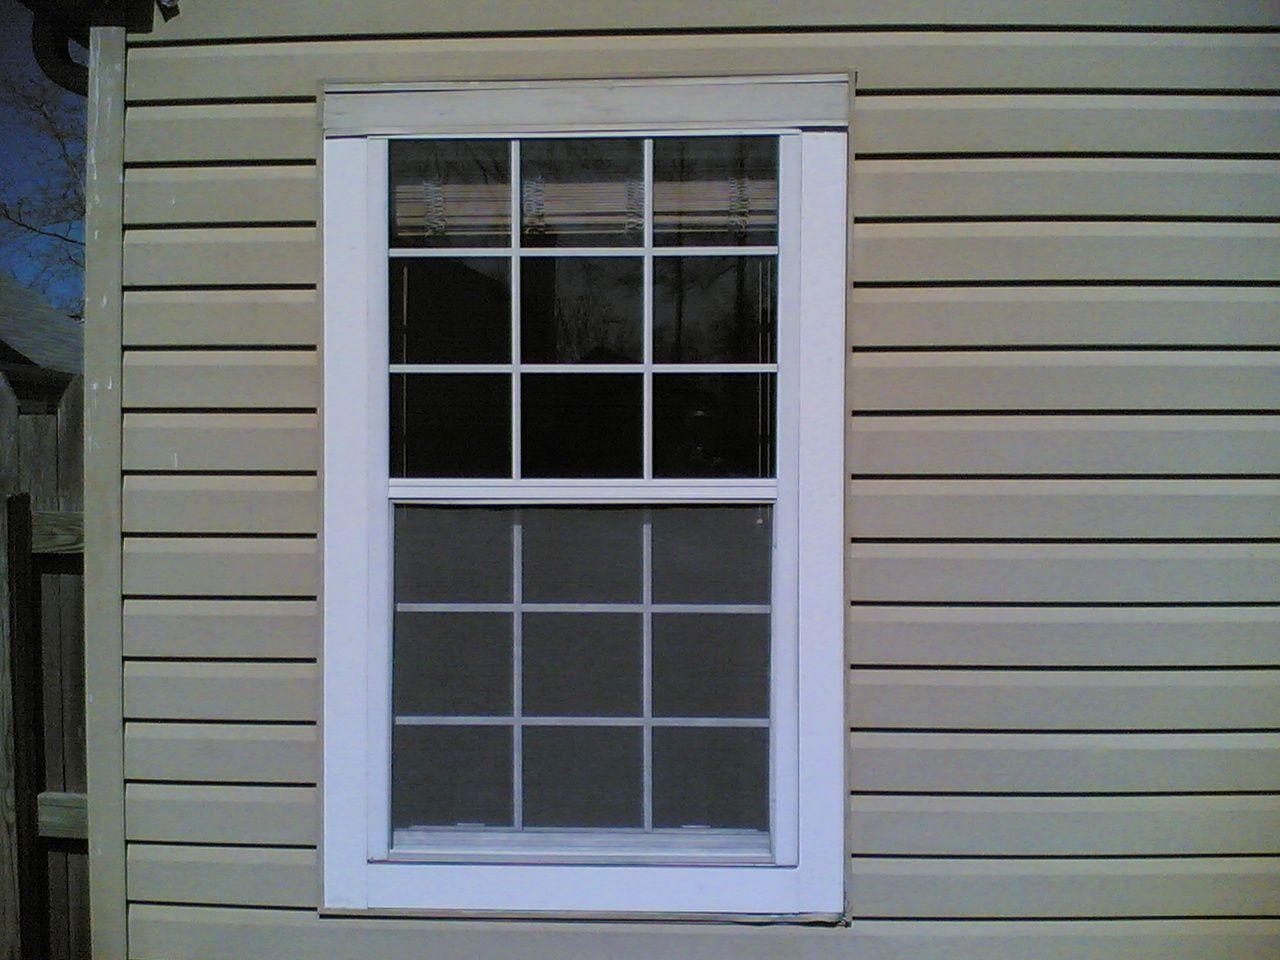 Exterior Vinyl Window And Door Trim | http://thefallguyediting.com ...